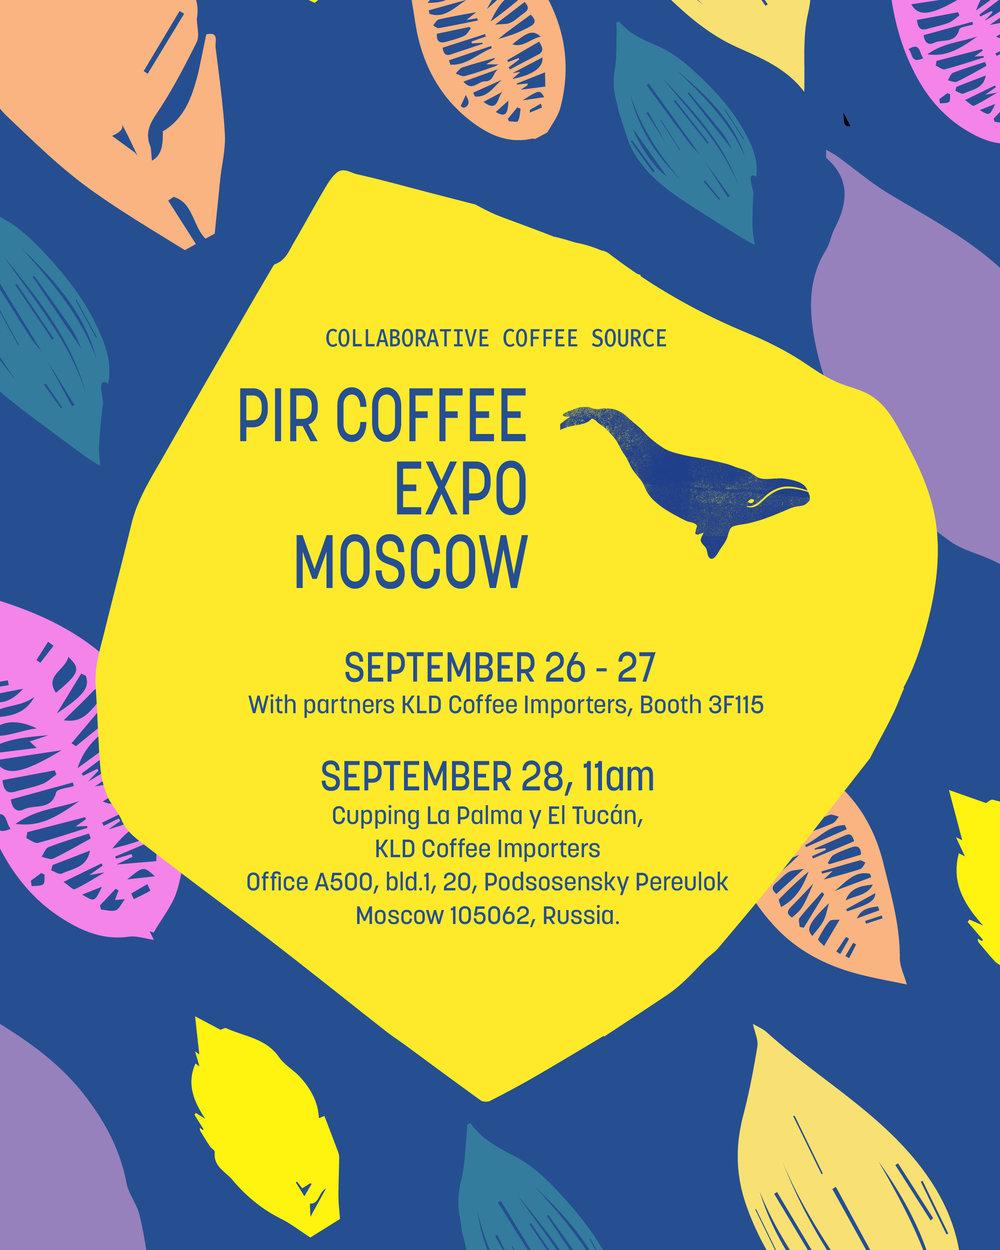 PIR Expo Poster.jpg